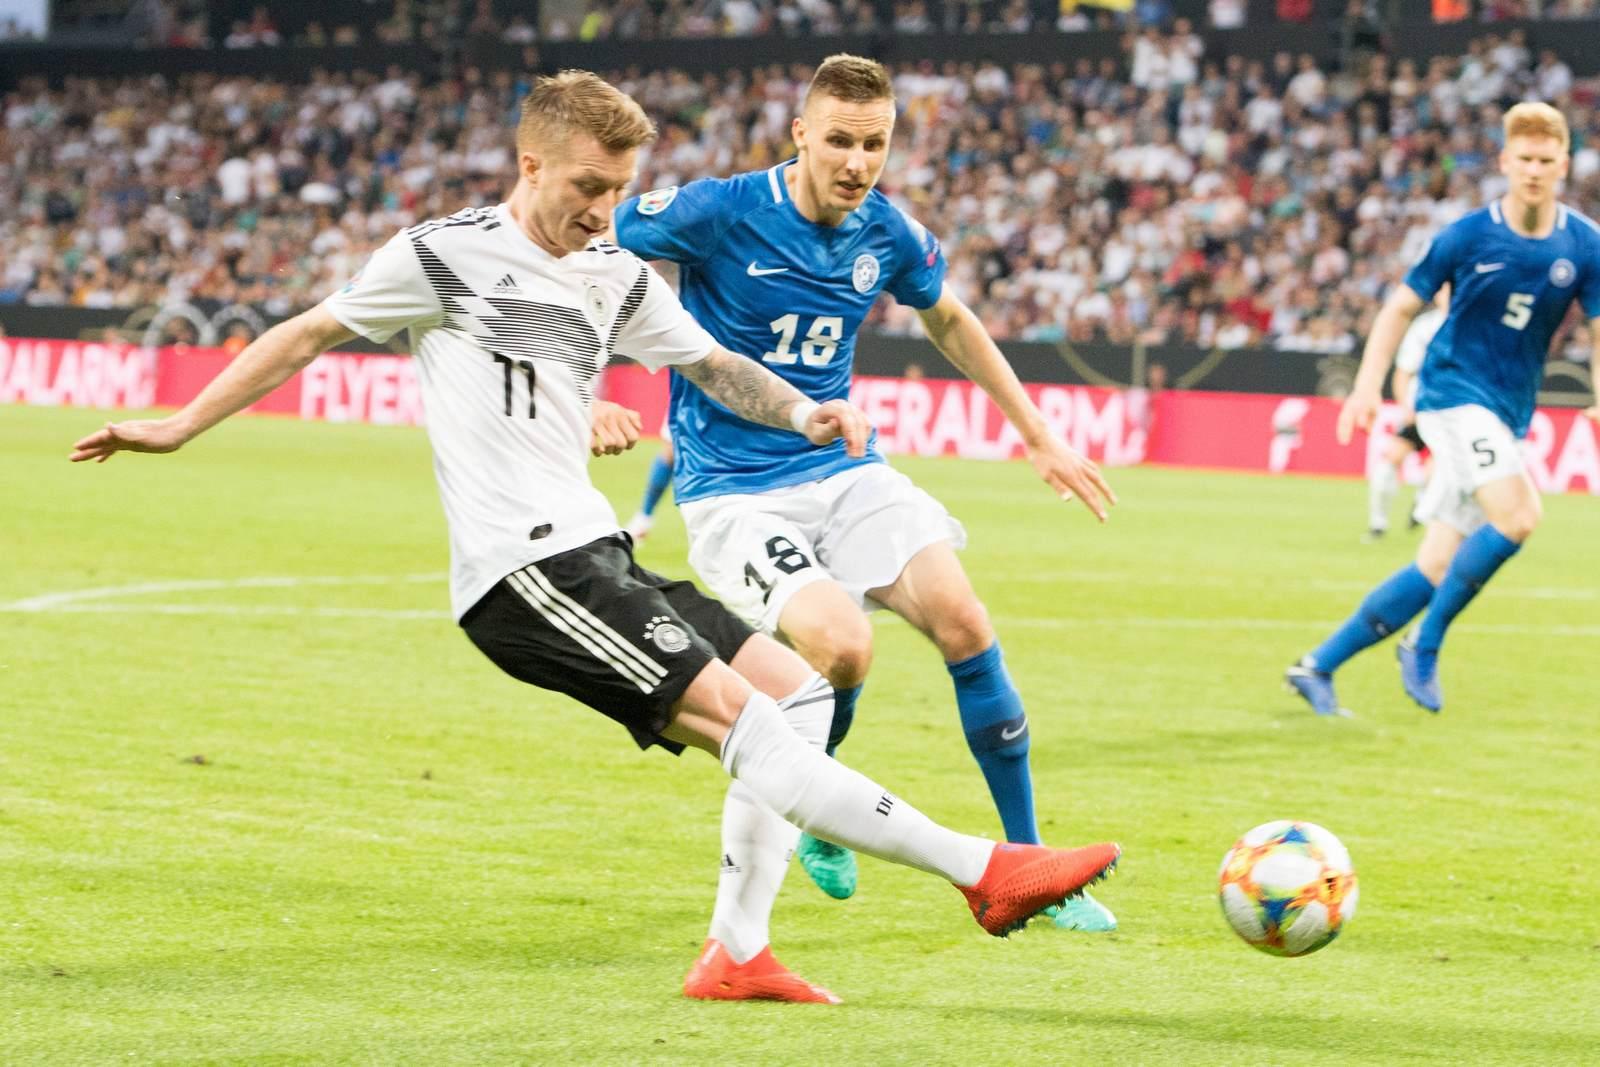 Marco Reus im Zweikampf. Jetzt auf Deutschland gegen Estland wetten?